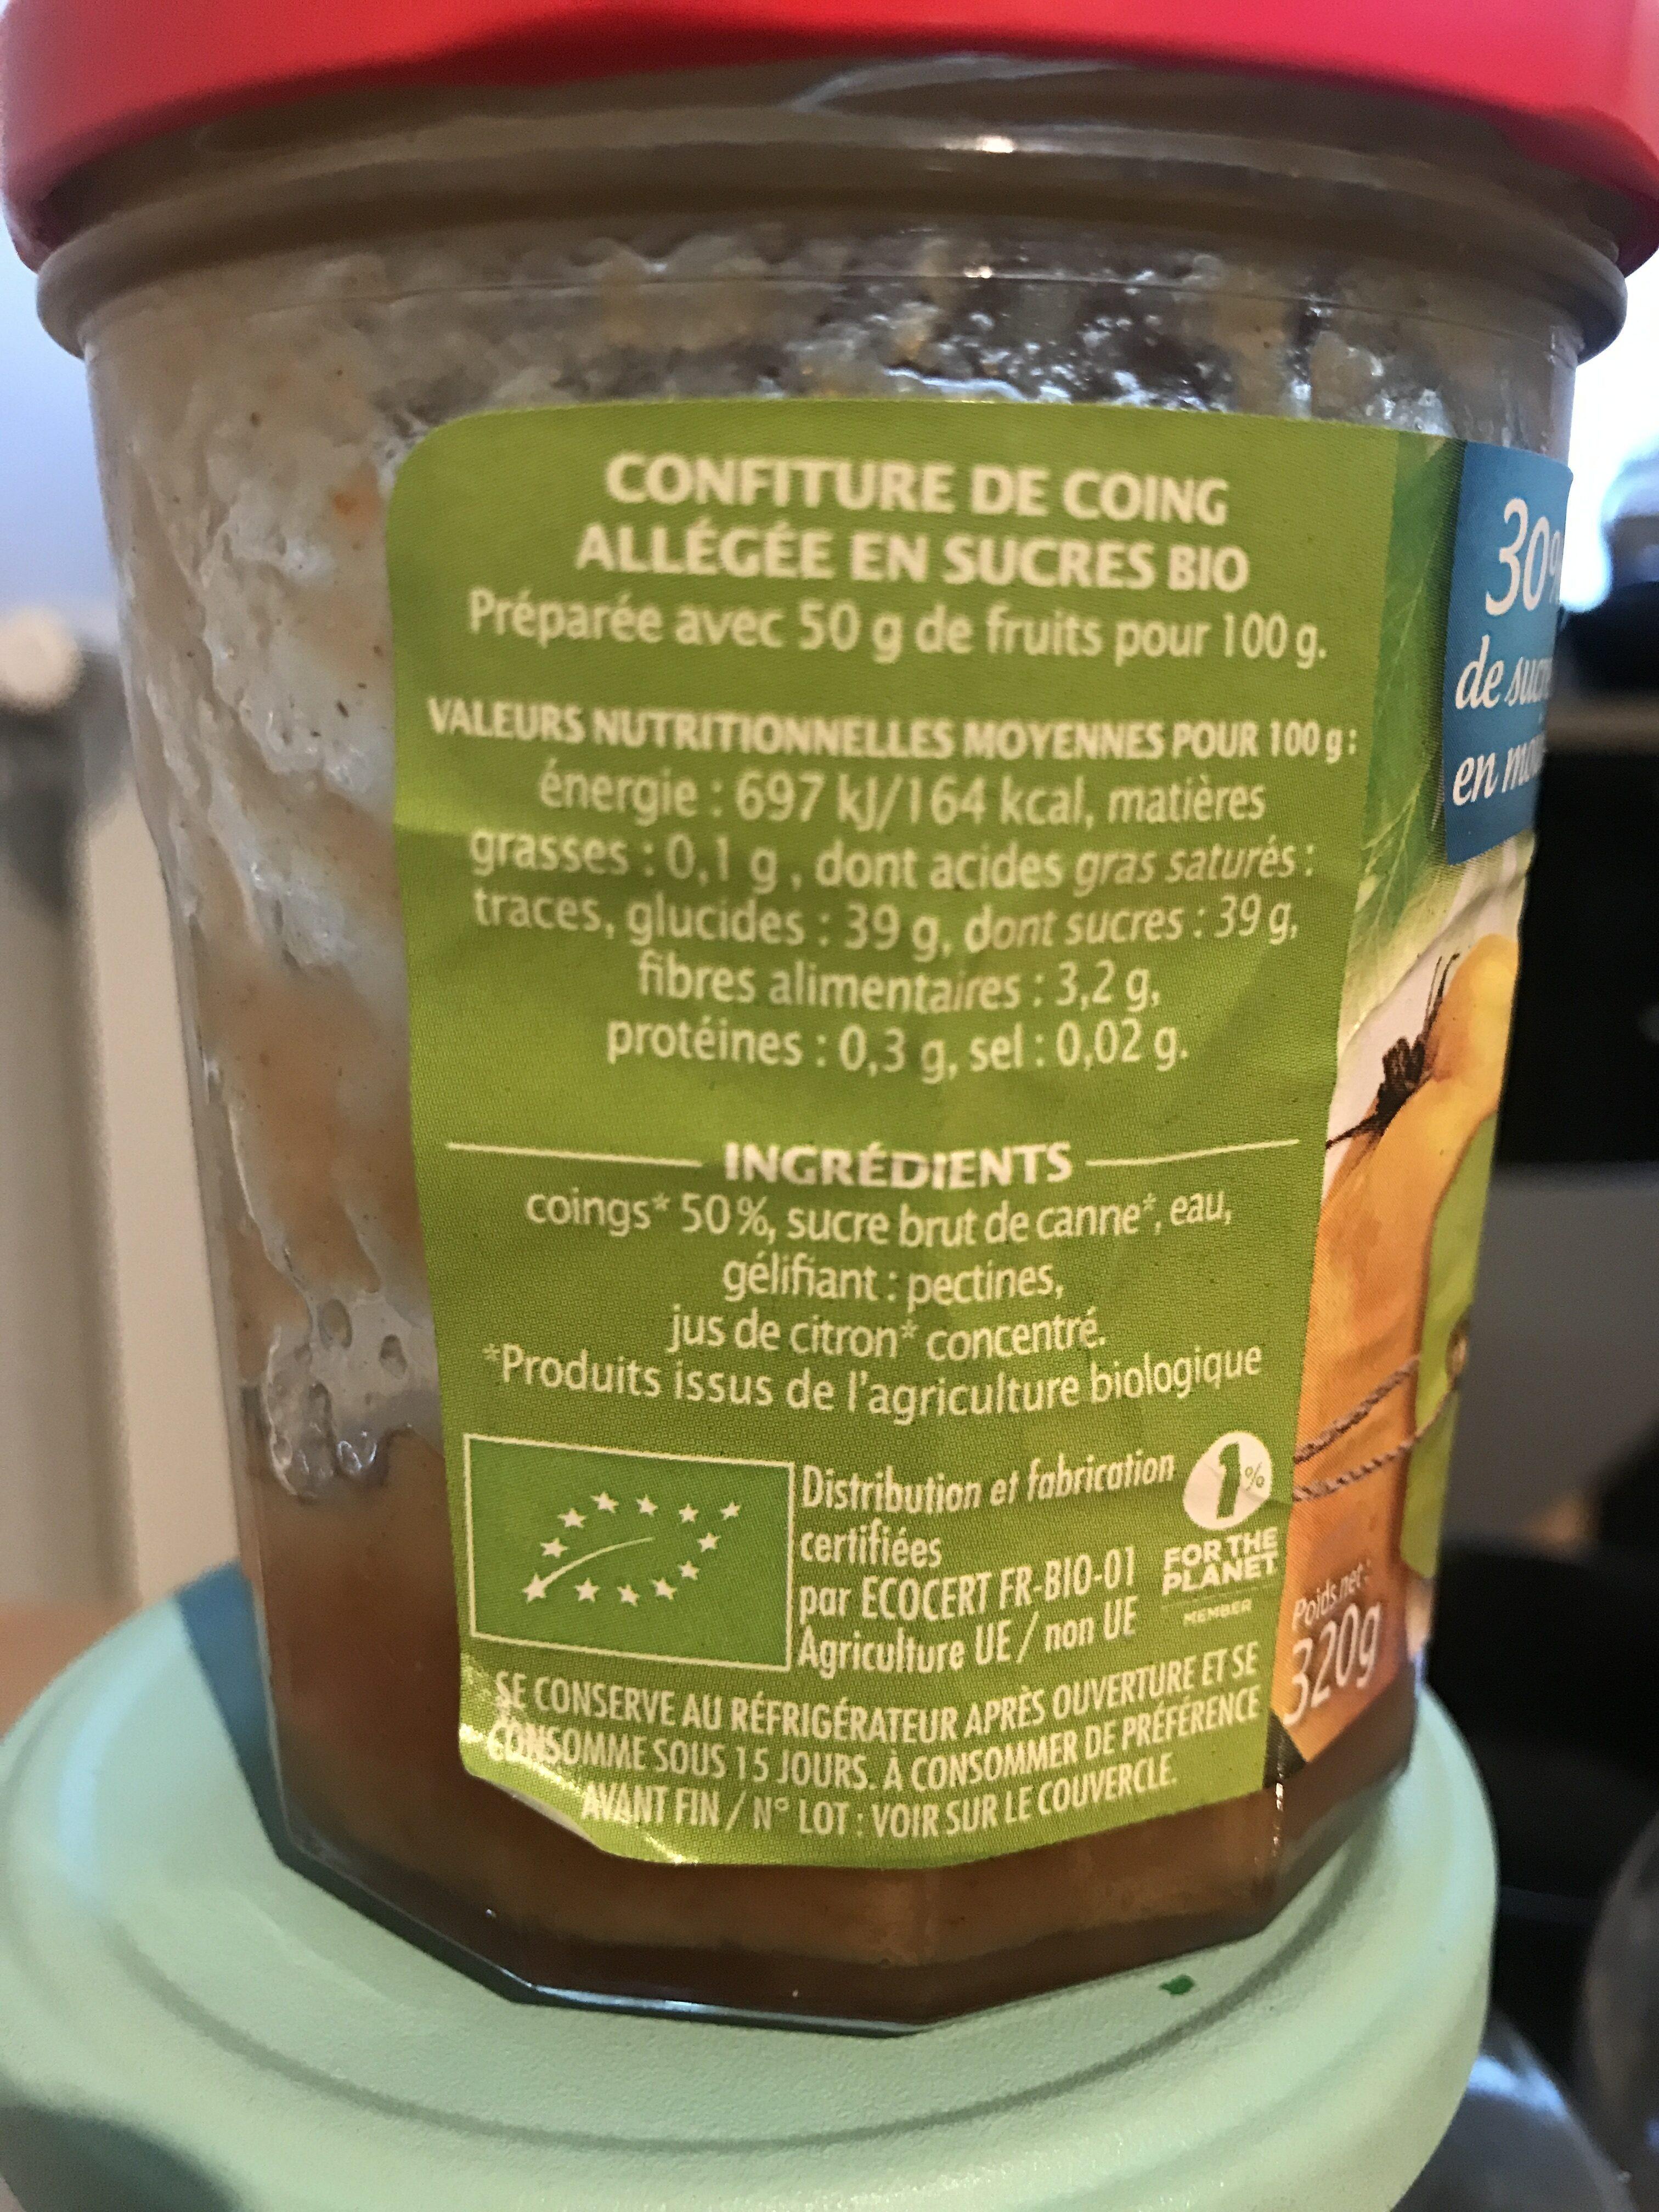 Confiture De Coing Bio - Informations nutritionnelles